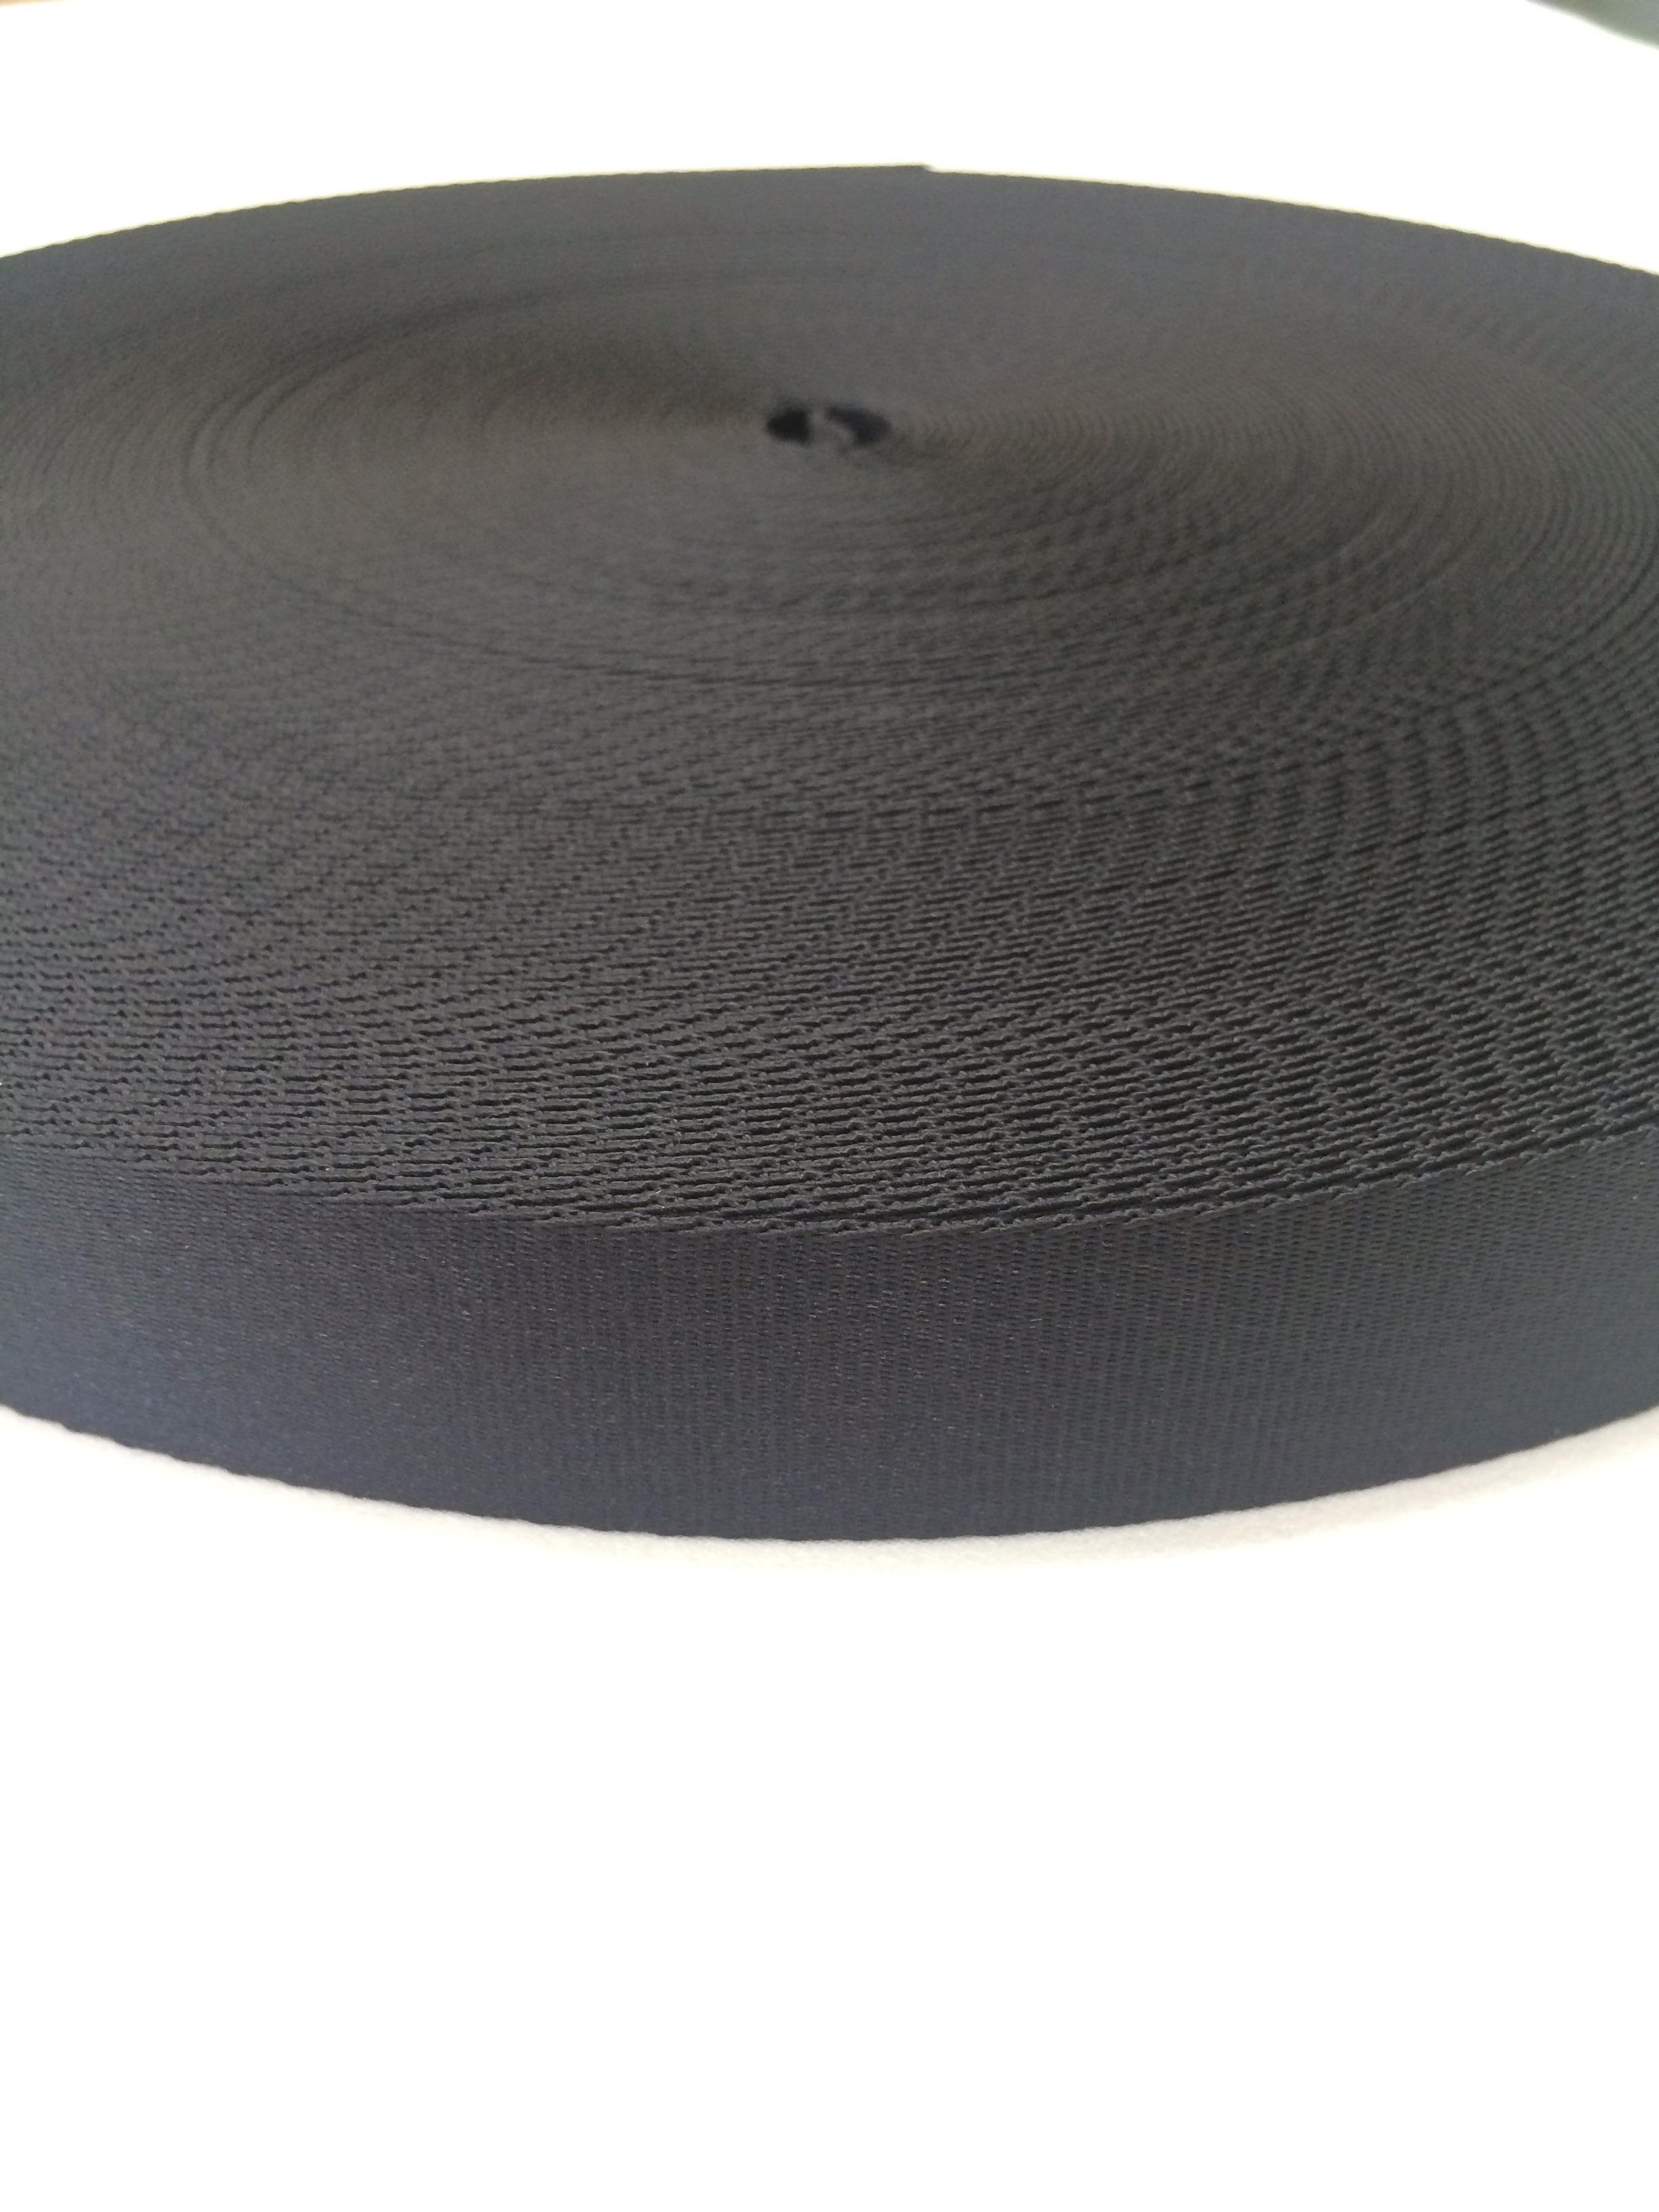 ナイロンテープ サテン調 朱子織 15mm幅 黒 5m